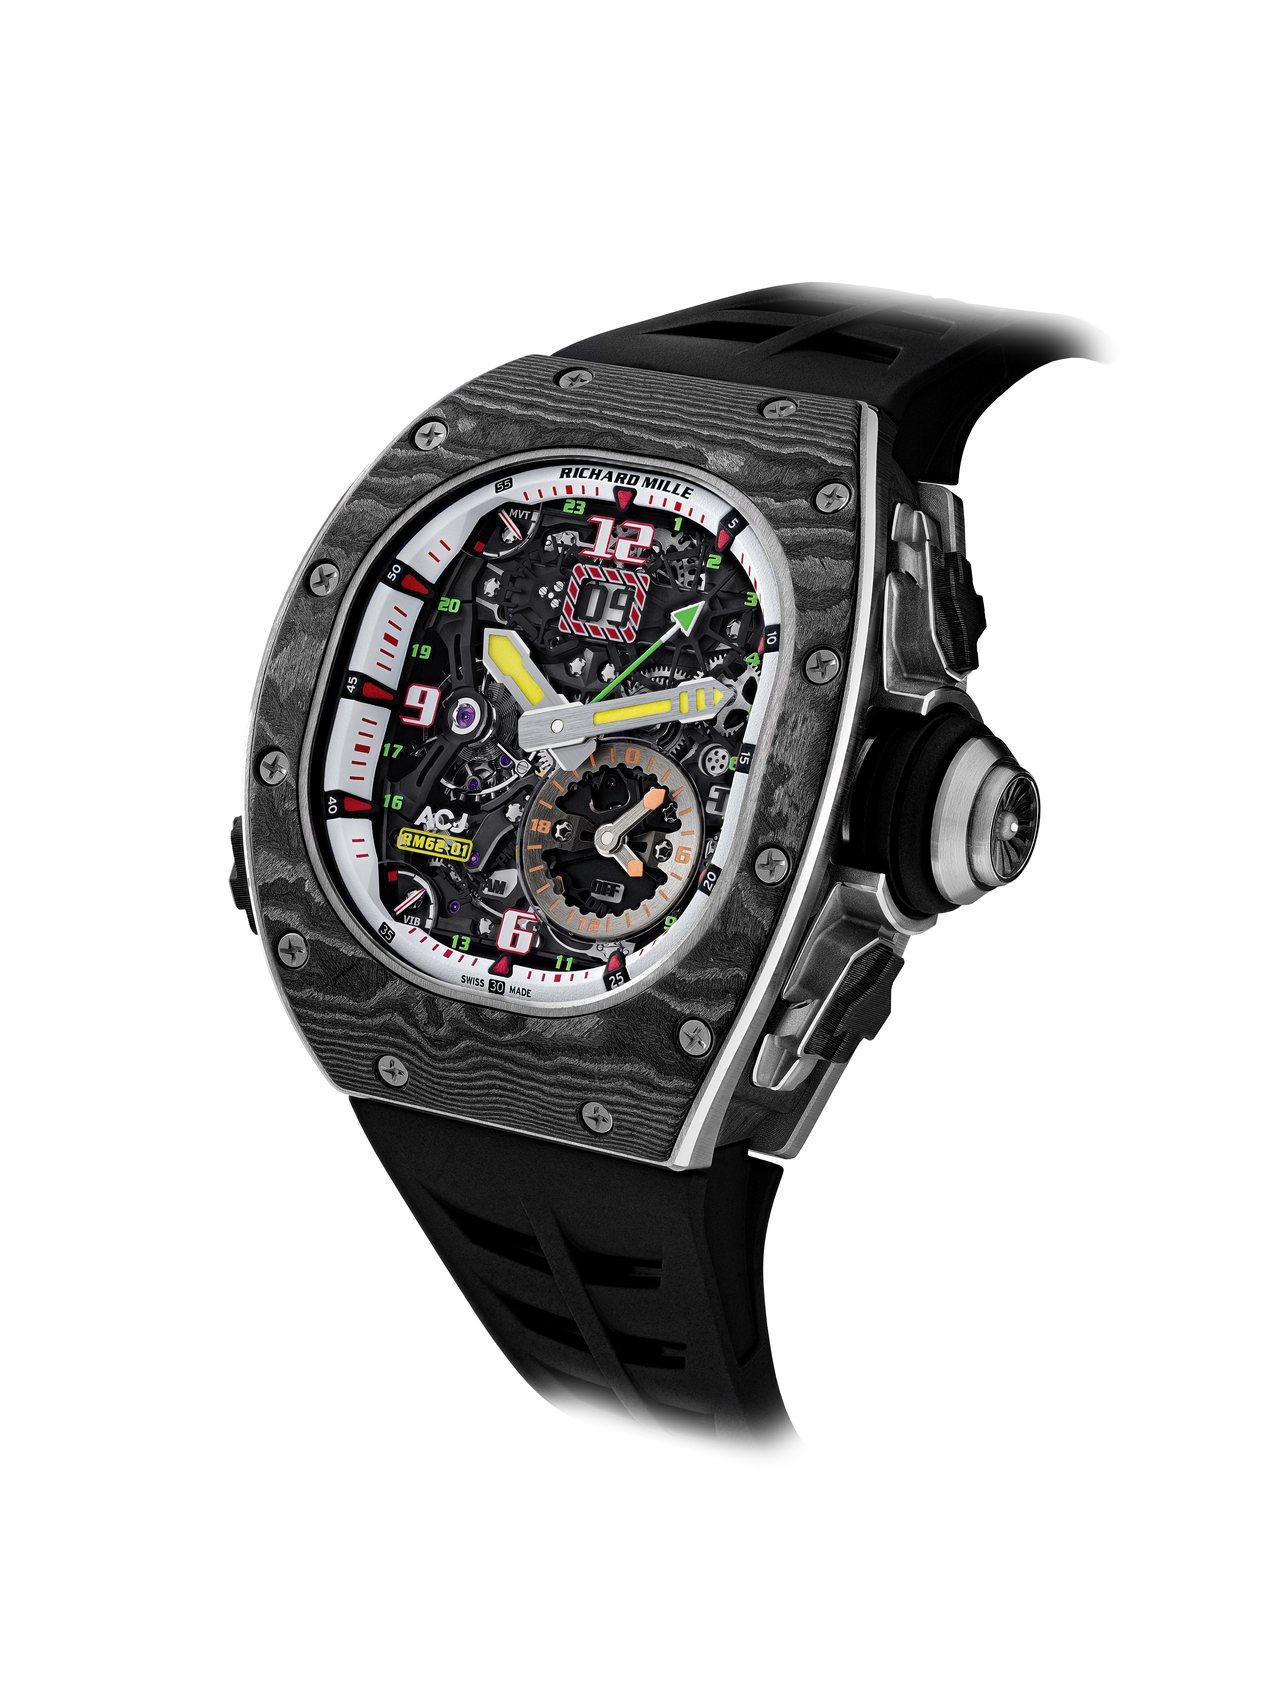 RM 62-01 ACJ陀飛輪振動鬧鈴腕表具有雙層表圈,首先是由鈦合金表圈製成,...